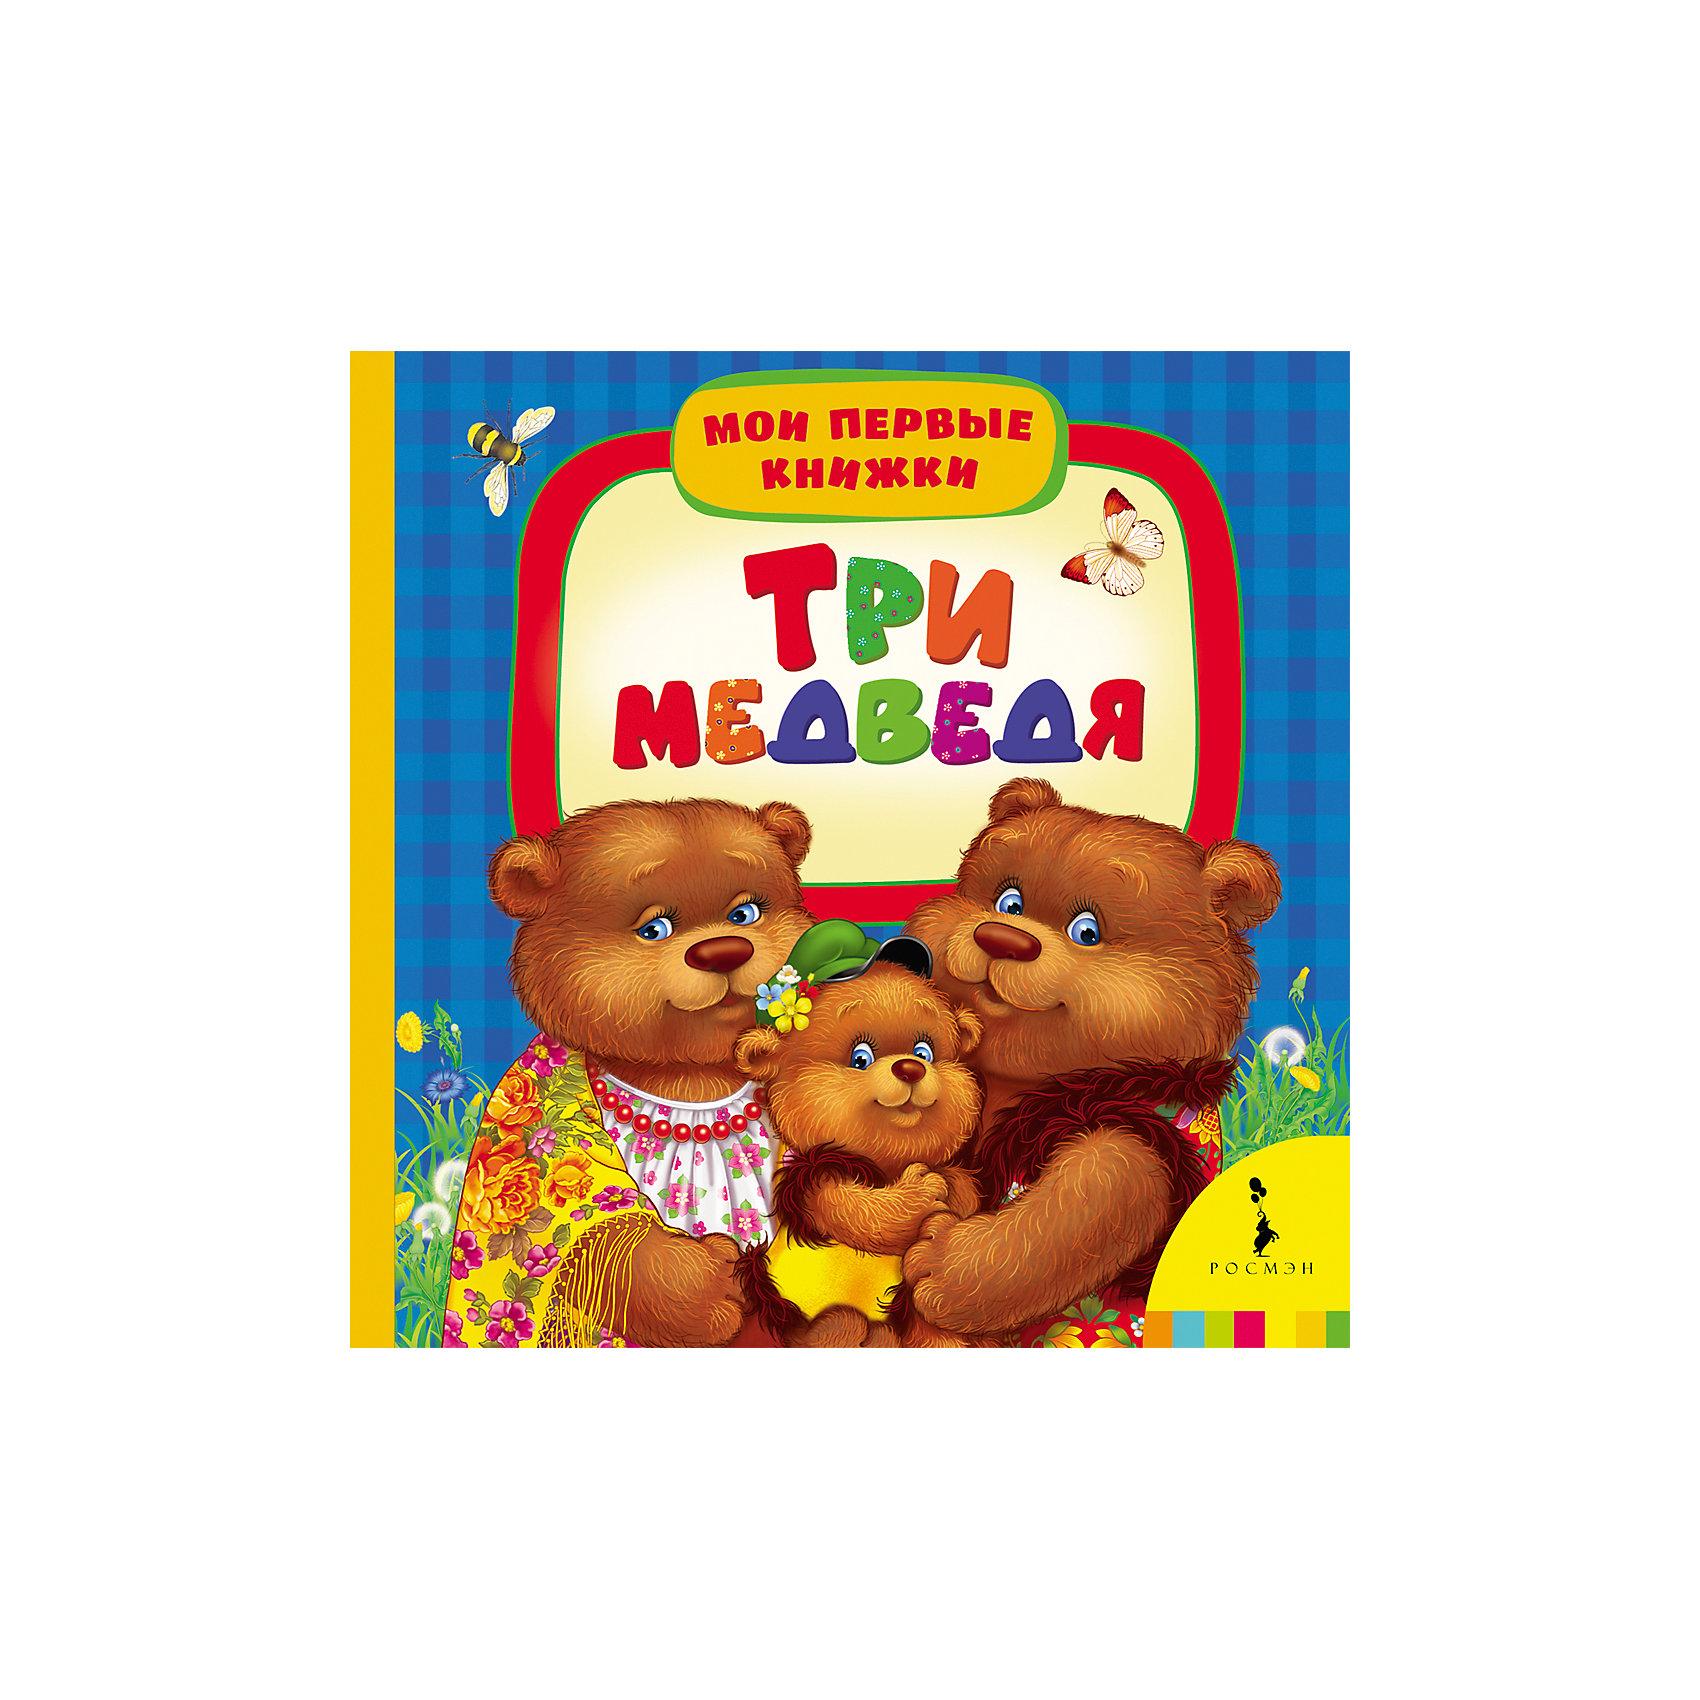 Росмэн Три медведя, Мои первые книжки три медведя три медведя кофточка happy animals молочная с мишкой